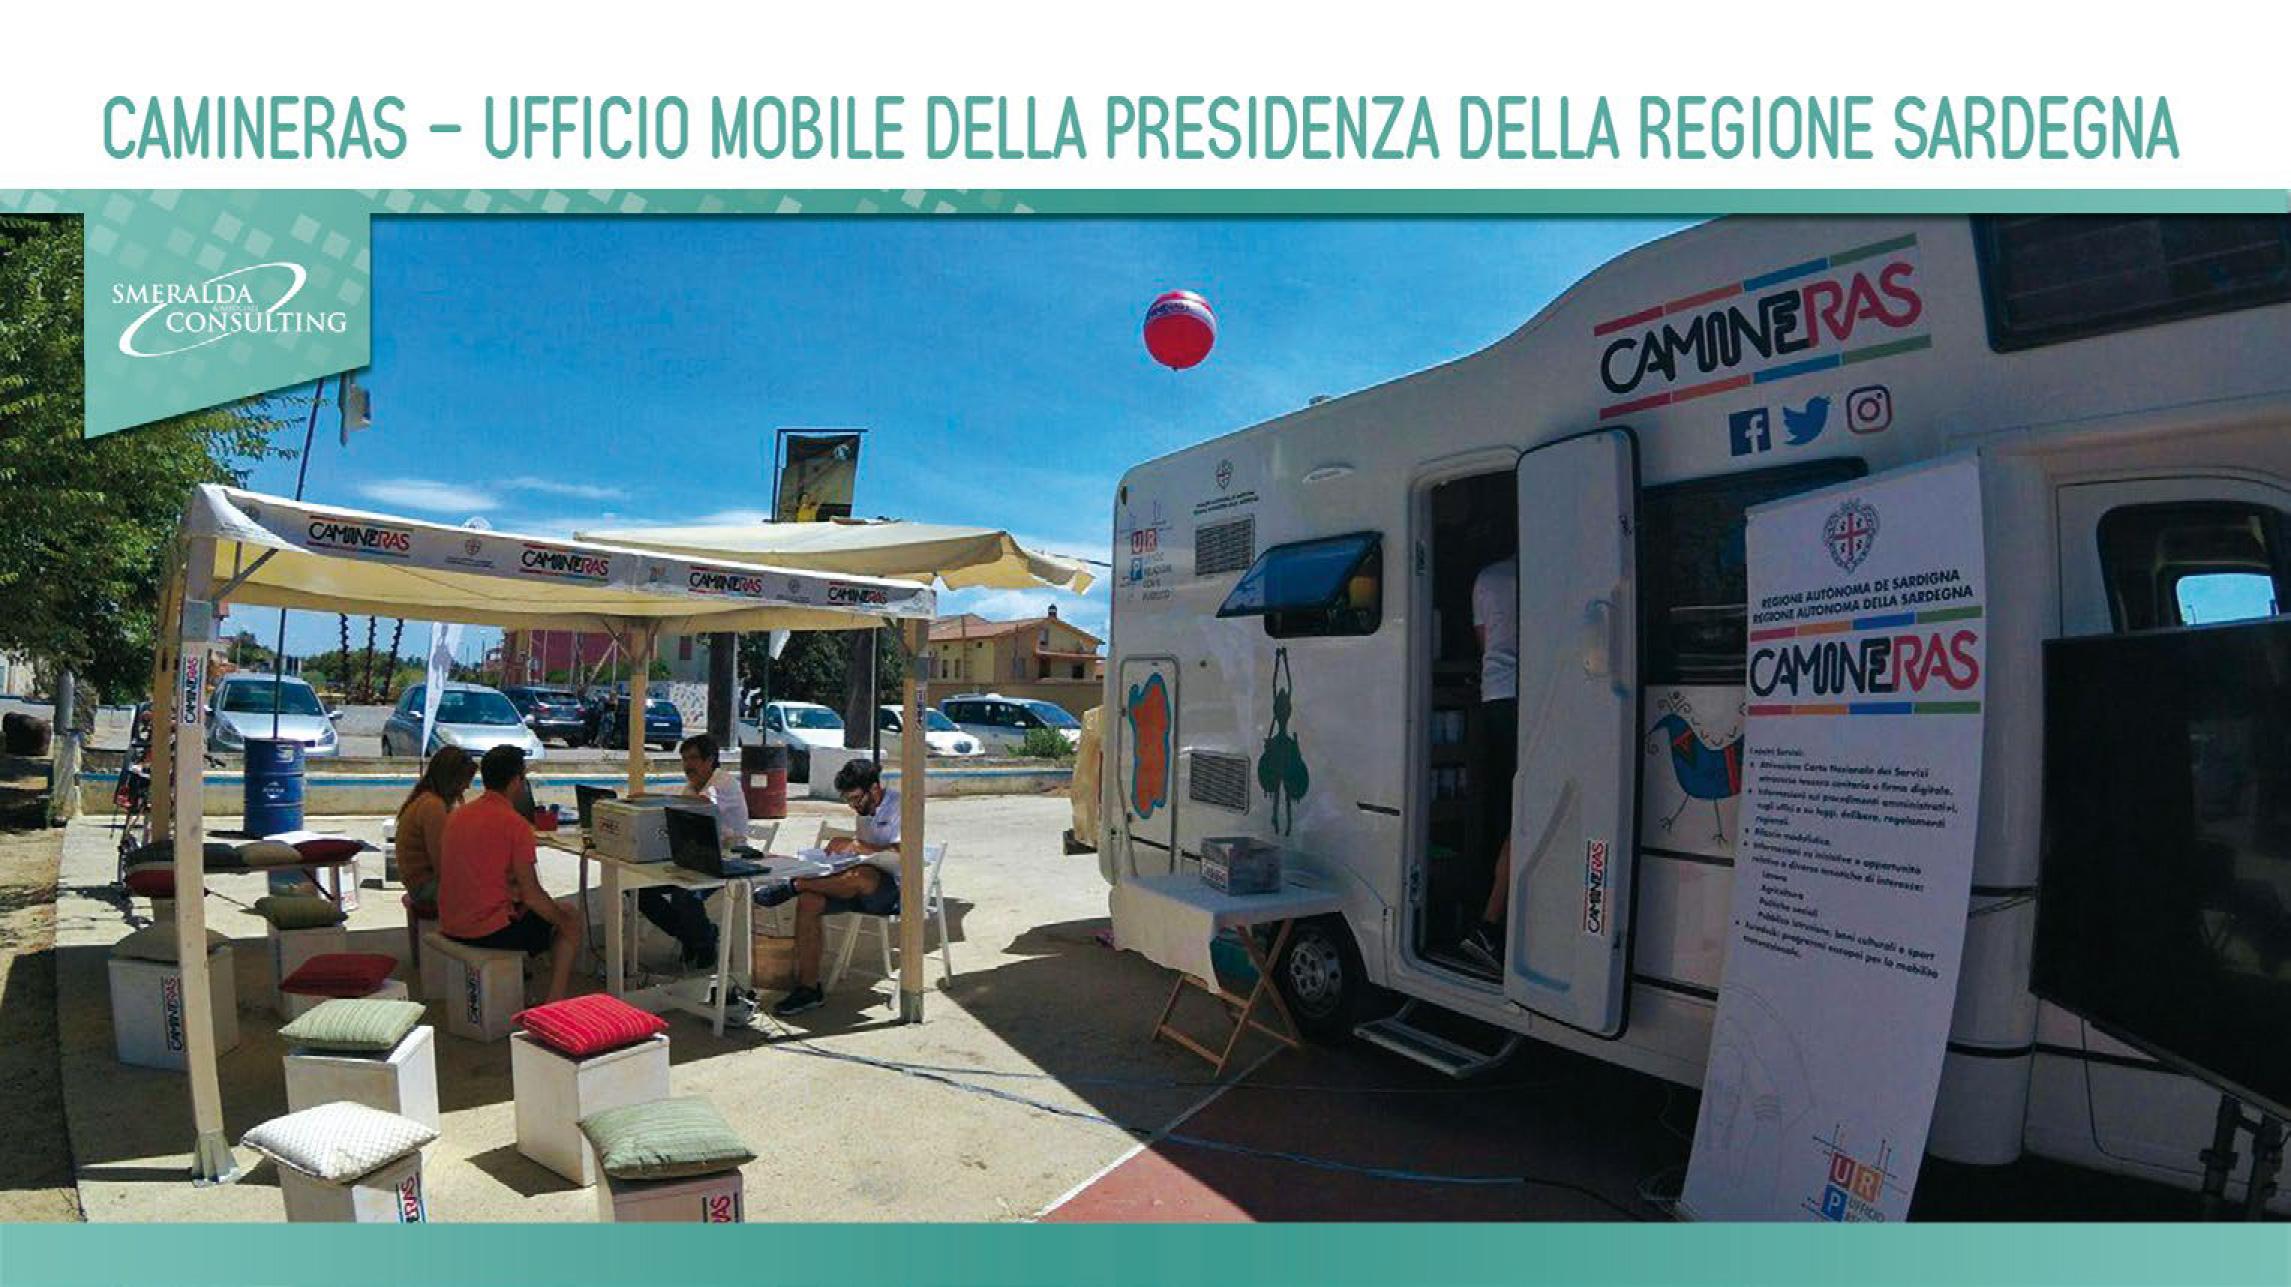 Camineras – Ufficio Mobile Presidenza della Regione Sardegna